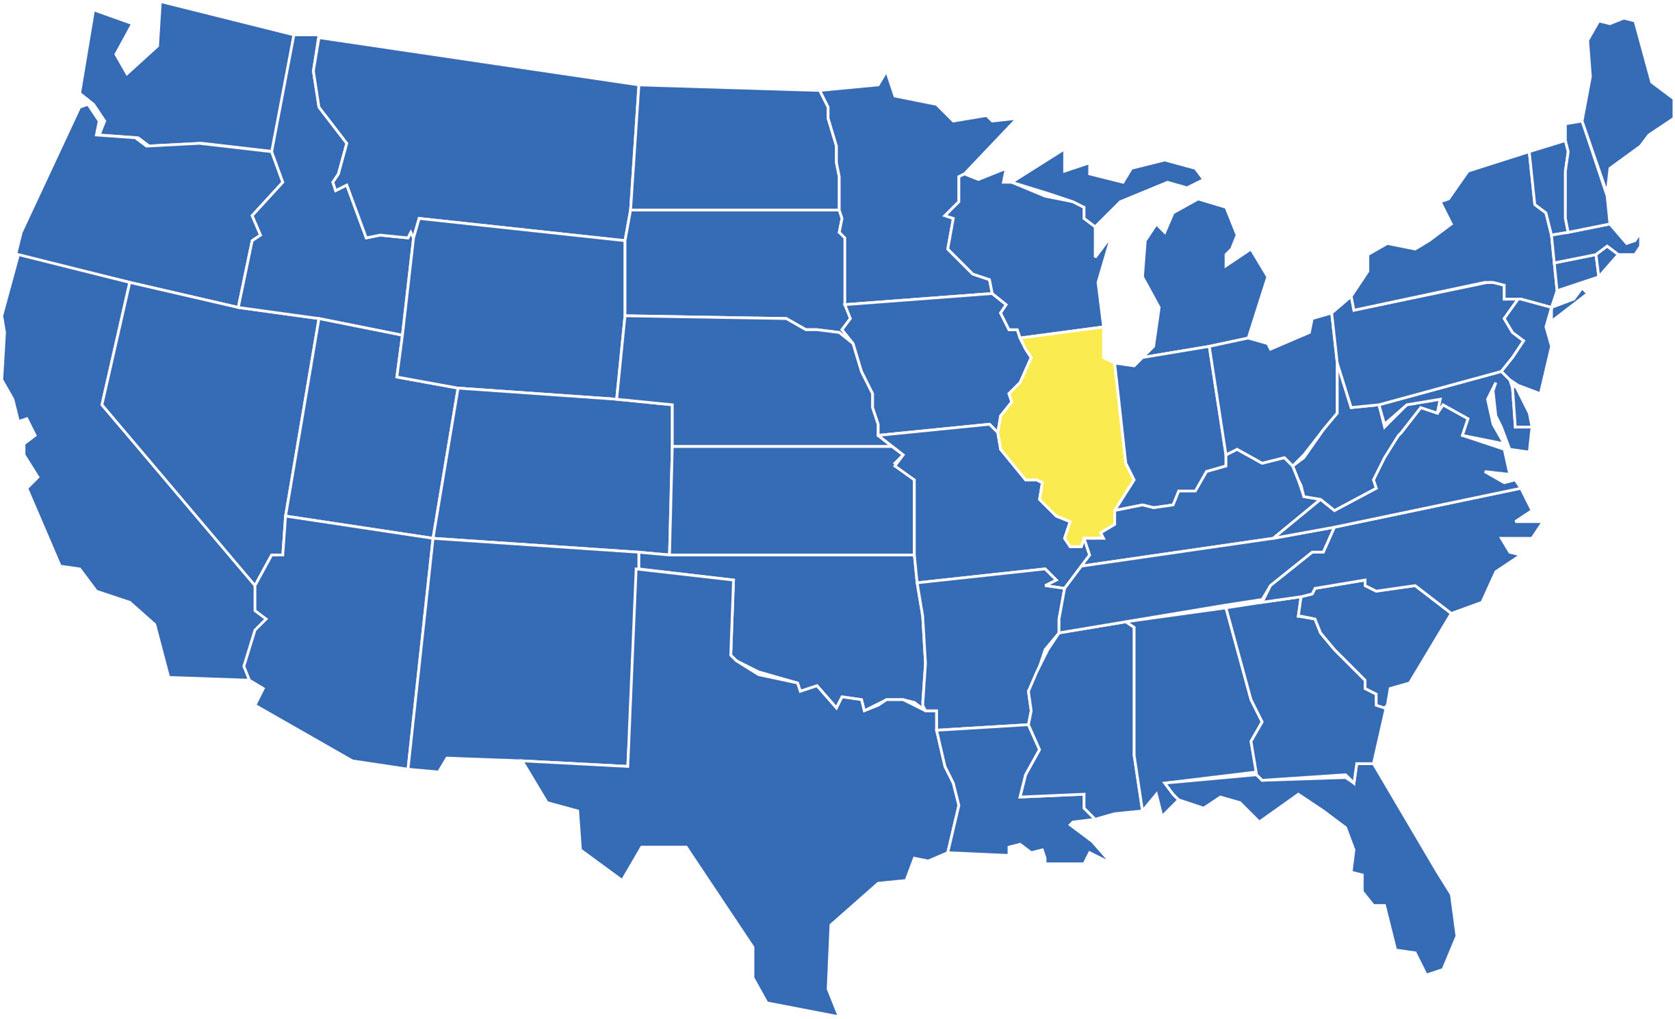 illinois-location-map Illinois Map In Usa on usa map iowa, usa map new jersey, usa map florida, usa map virginia, usa map wyoming, usa map south dakota, usa map springfield, usa map chicago, usa map washington, usa map tennessee, usa map long island, usa map wisconsin, usa map louisiana,